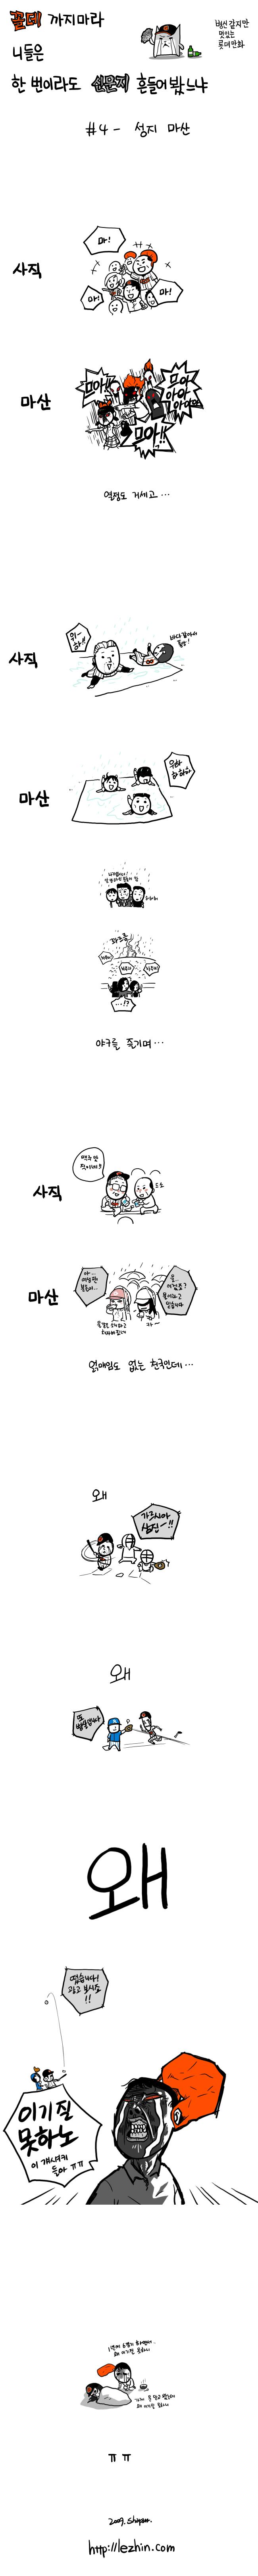 꼴데툰 04 - 야구의 성지 마산